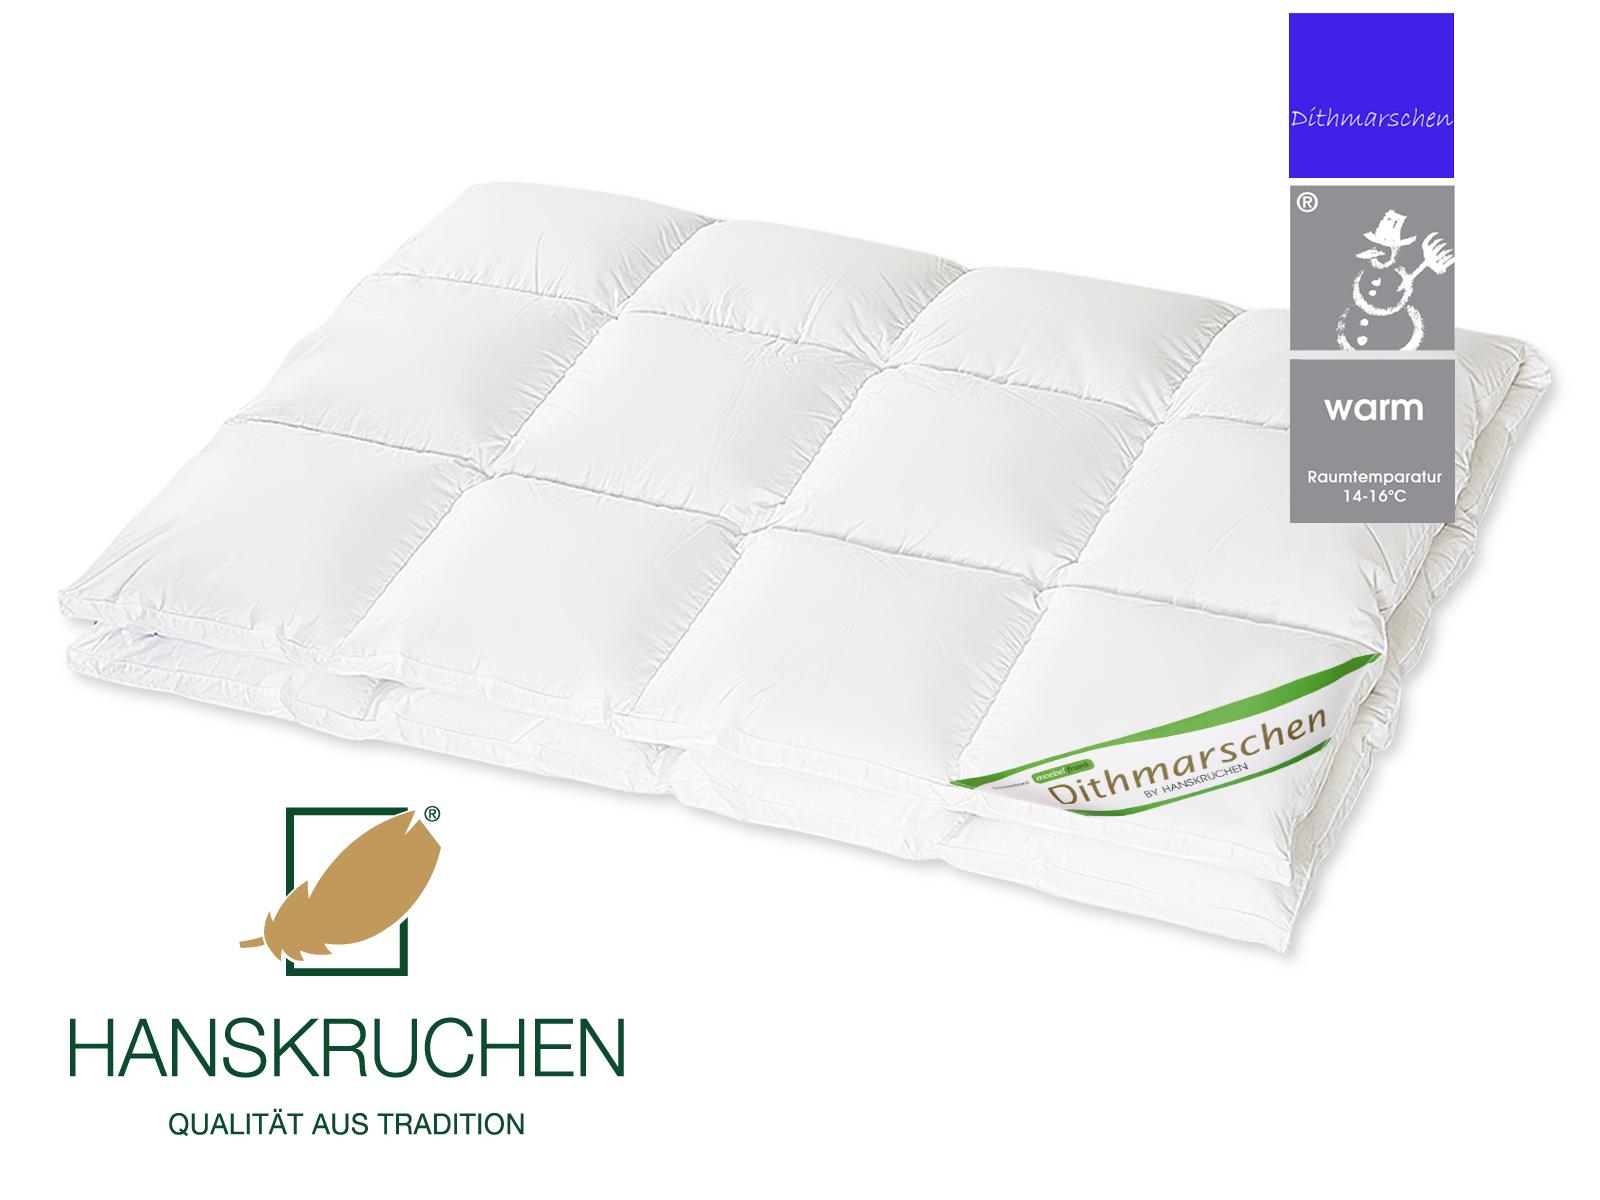 Daunenbettdecke 100% neue weiße Daunen Dithmarschen Bettdecke Baumwolle Exclusiv von HANSKRUCHEN – Bild 7